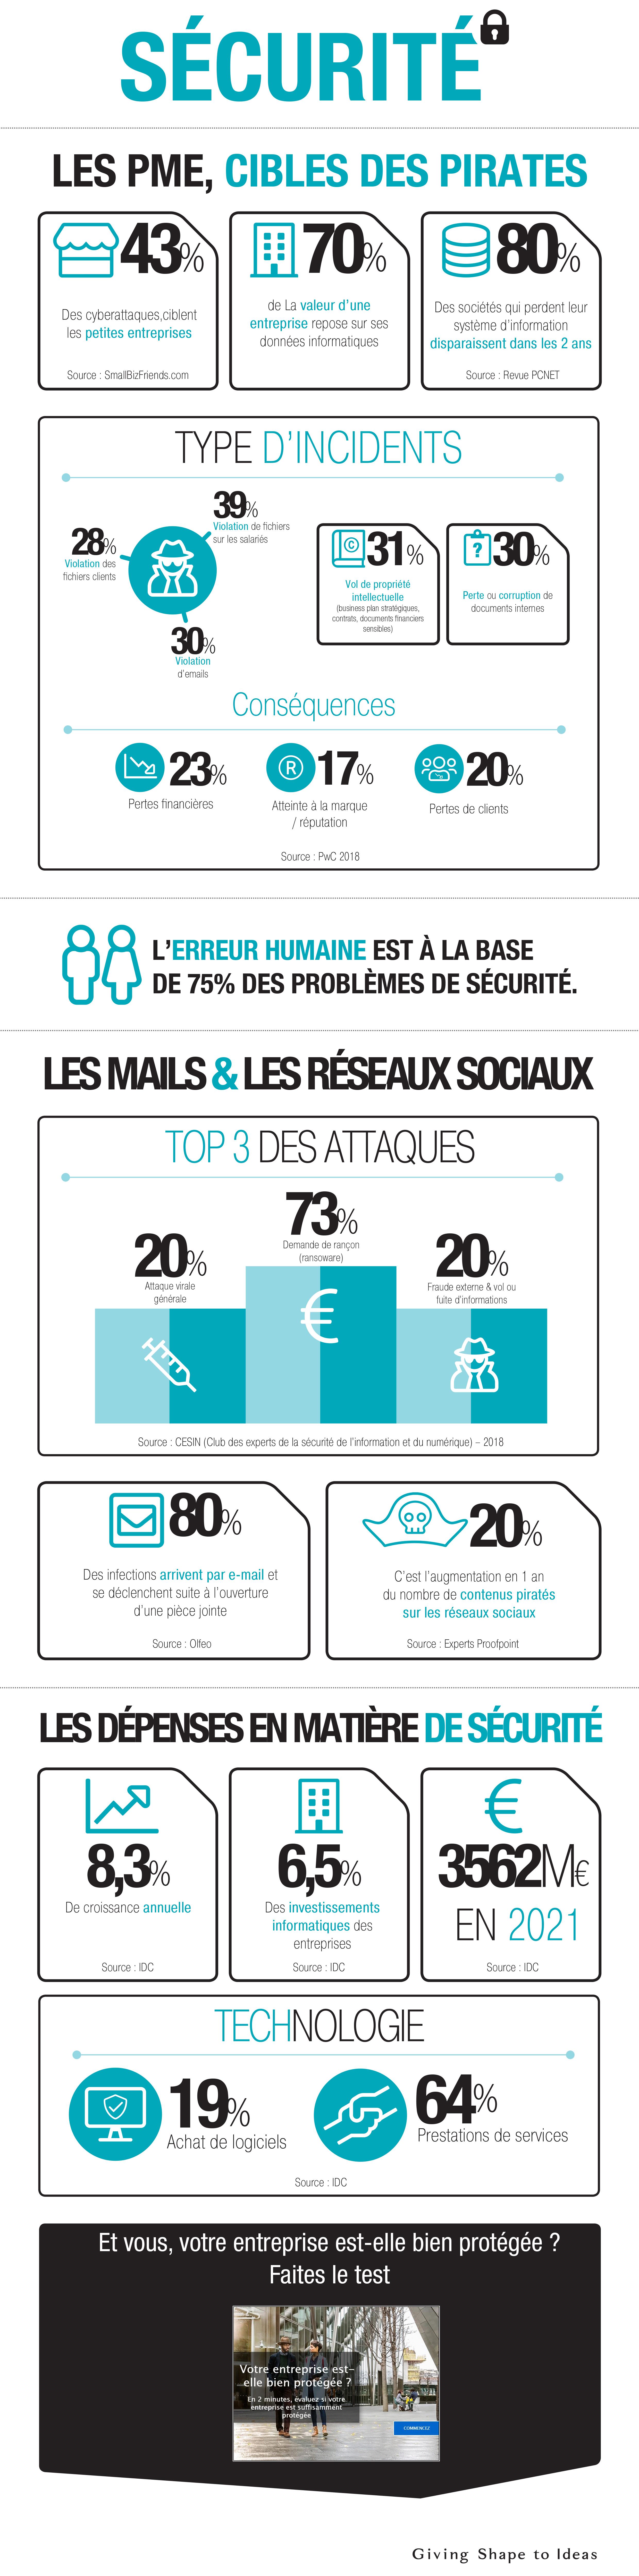 Sécurité : Les PME, cibles des pirates